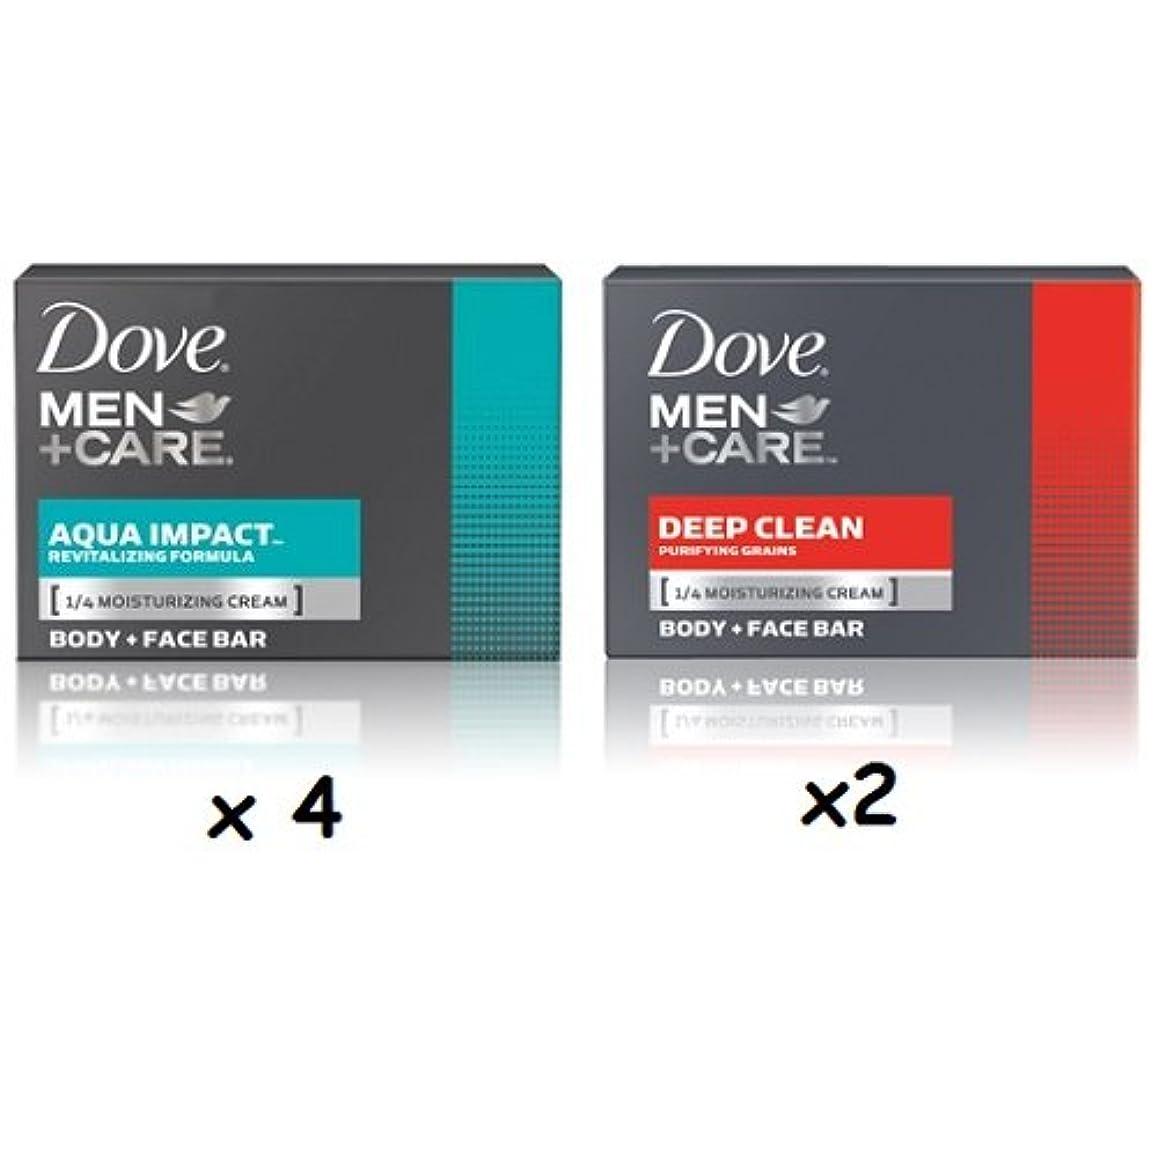 バスルーム無視する腸【6個セット】Dove MEN+CARE Body&Face Bar Soap (4ozx6) ダヴ メンズプラスケア 体&顔用の固形石鹸(113gx6)(Deep Clean 4個とAqua Impact2個 合計6個...